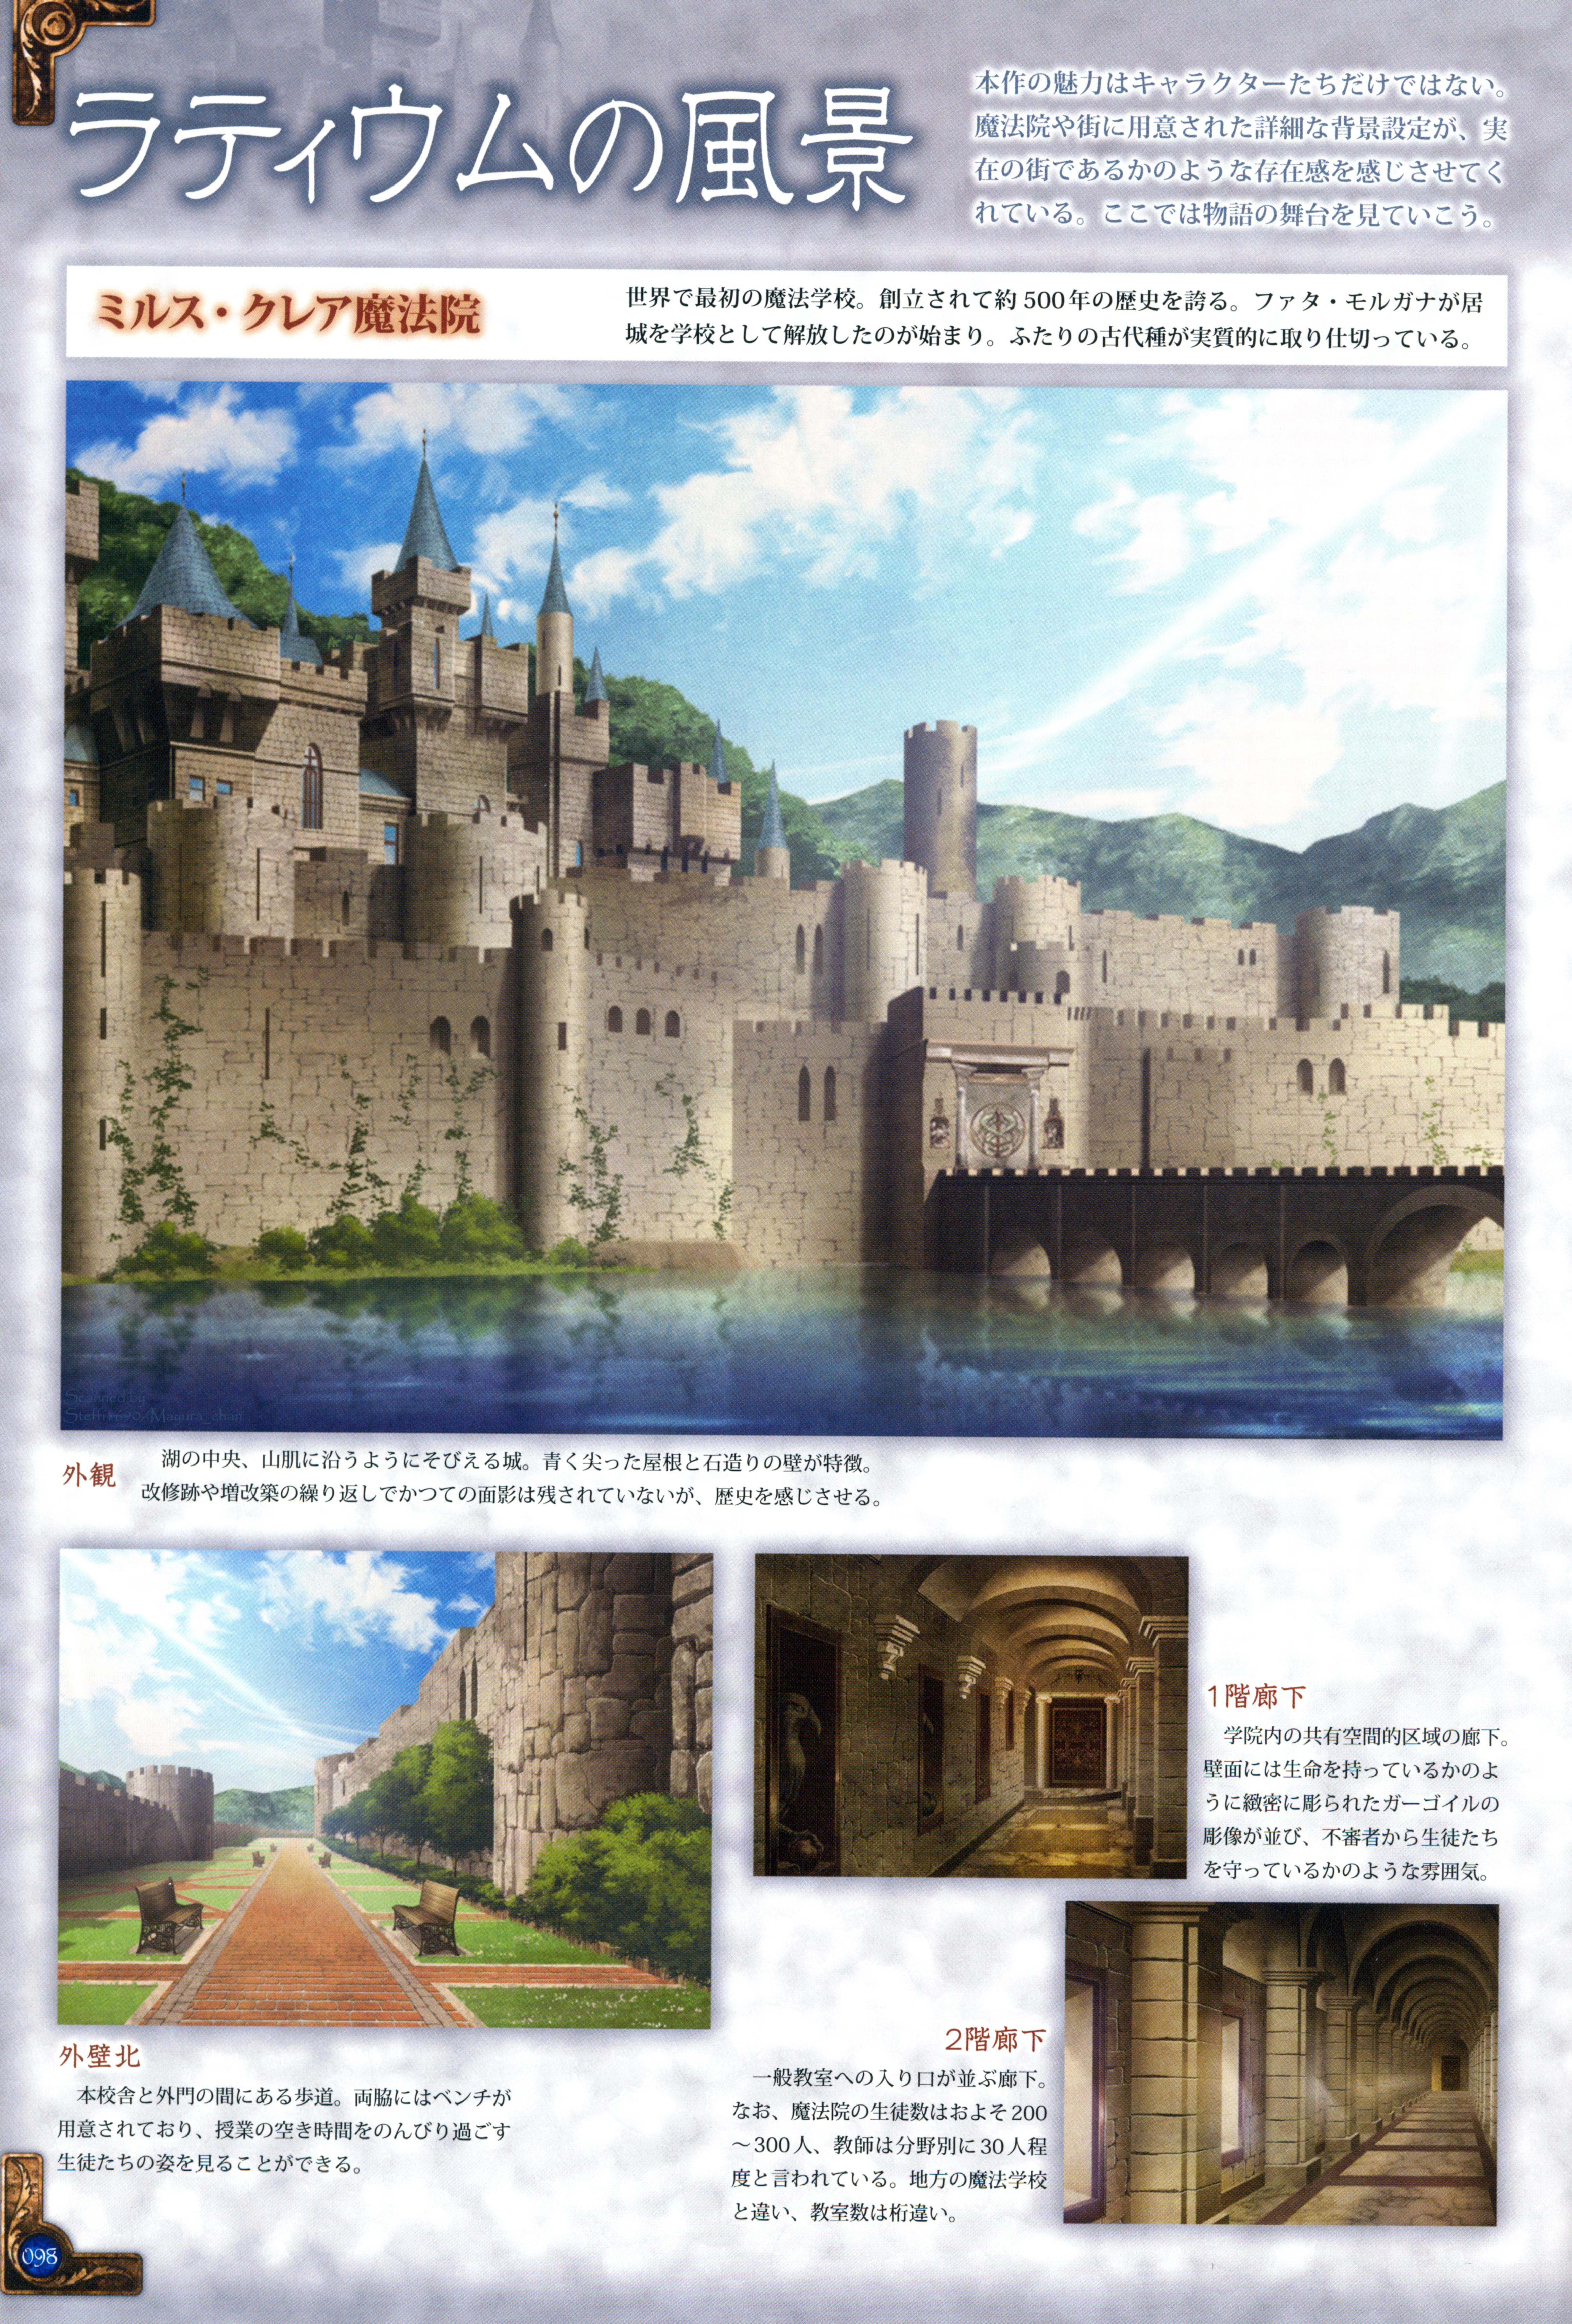 Castle, Scenery | page 9 - Zerochan Anime Image Board